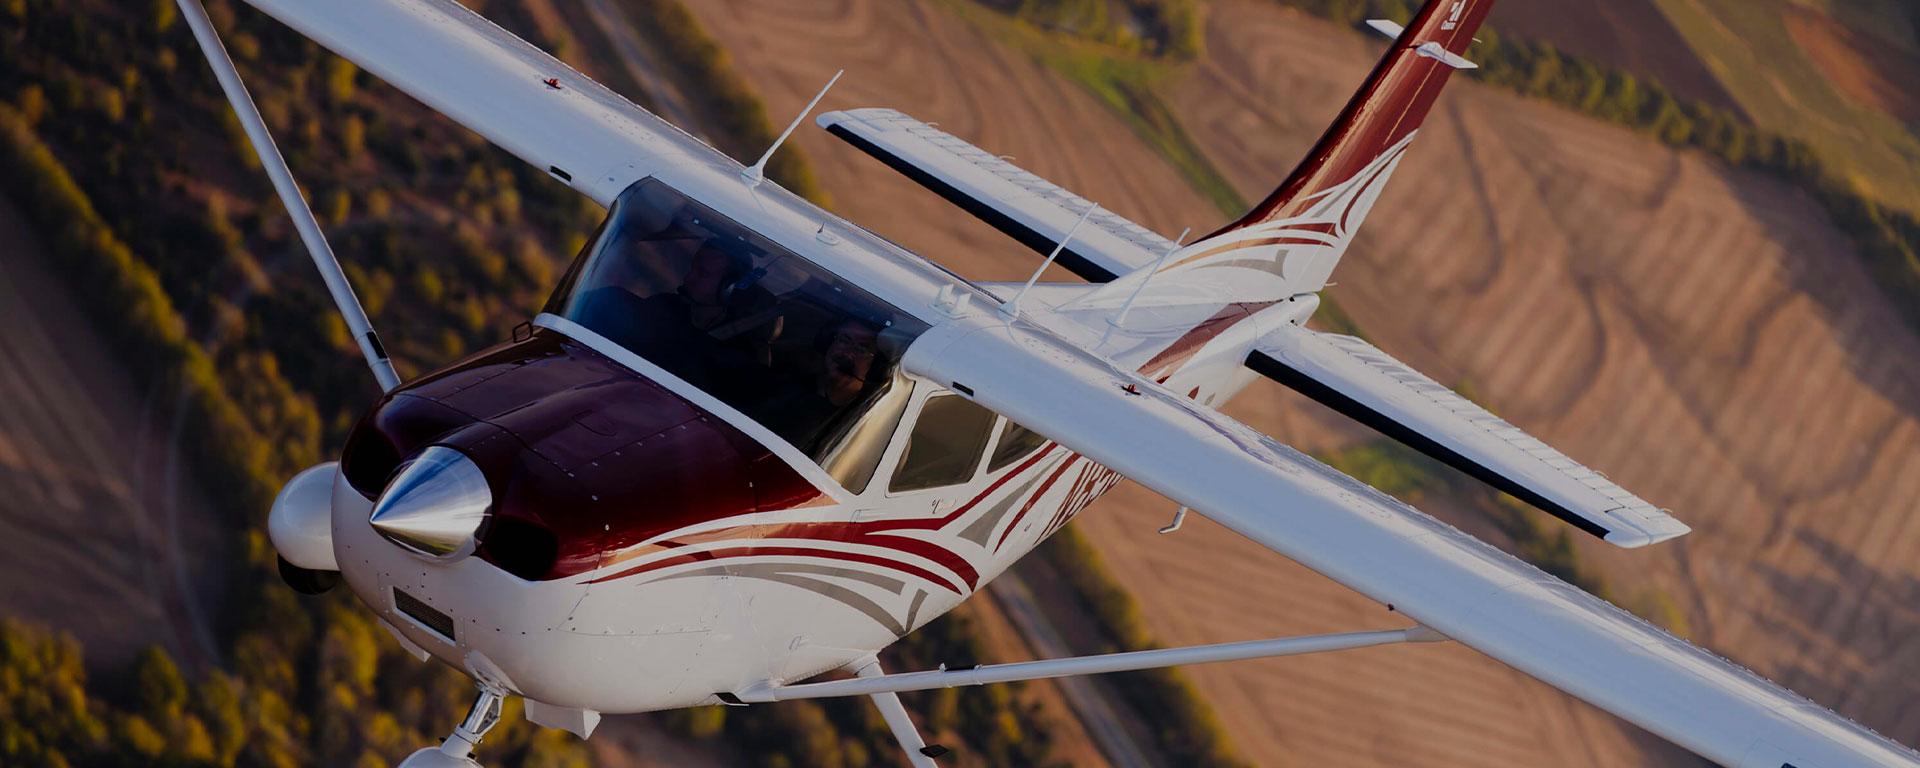 """Cessna a fait de l'école de pilotage ASTONFLY son unique """"Cessna Pilot Center"""" en France"""